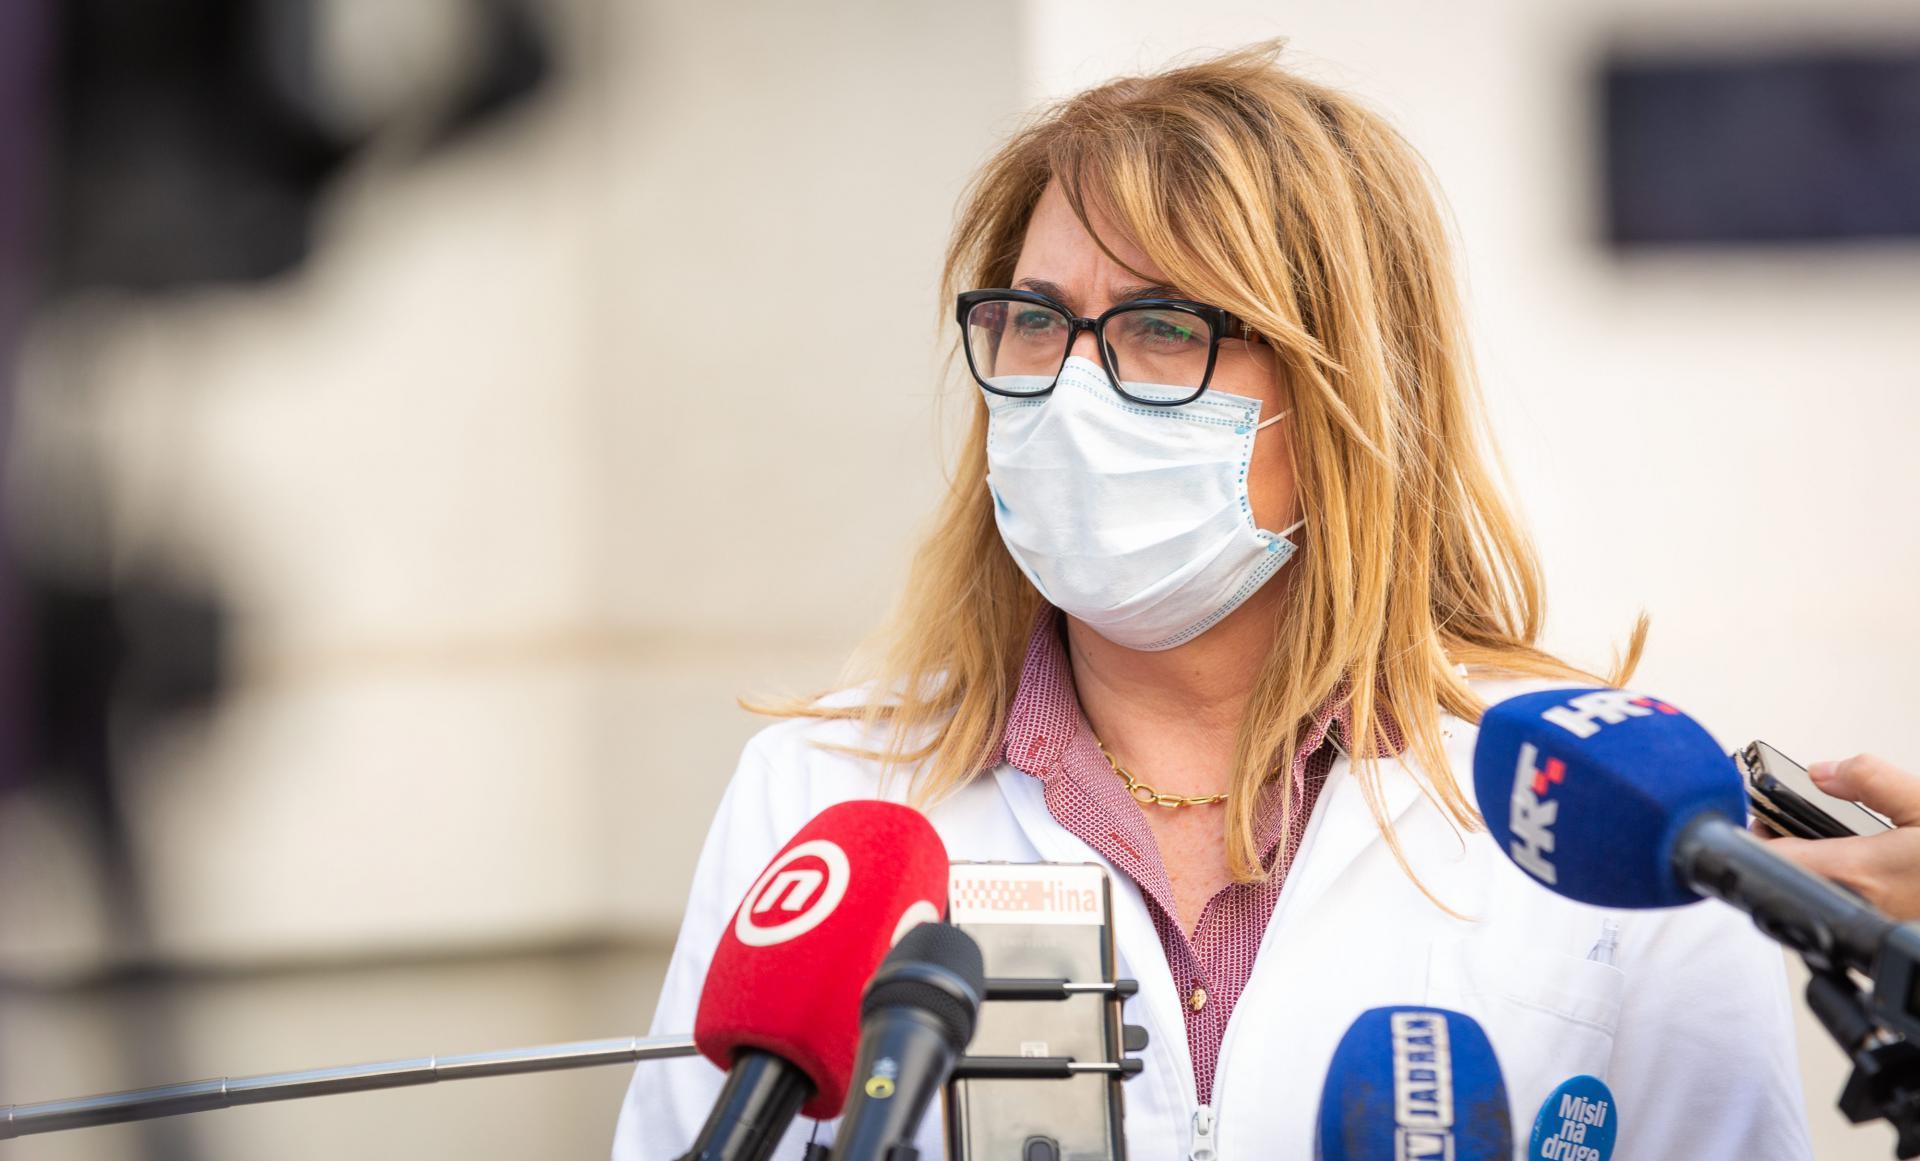 Od ukupno 682 obrađena testa danas je 76 novooboljelih osoba s područja Splitsko-dalmatinske županije pozitivno na COVID, dvije osobe su preminule